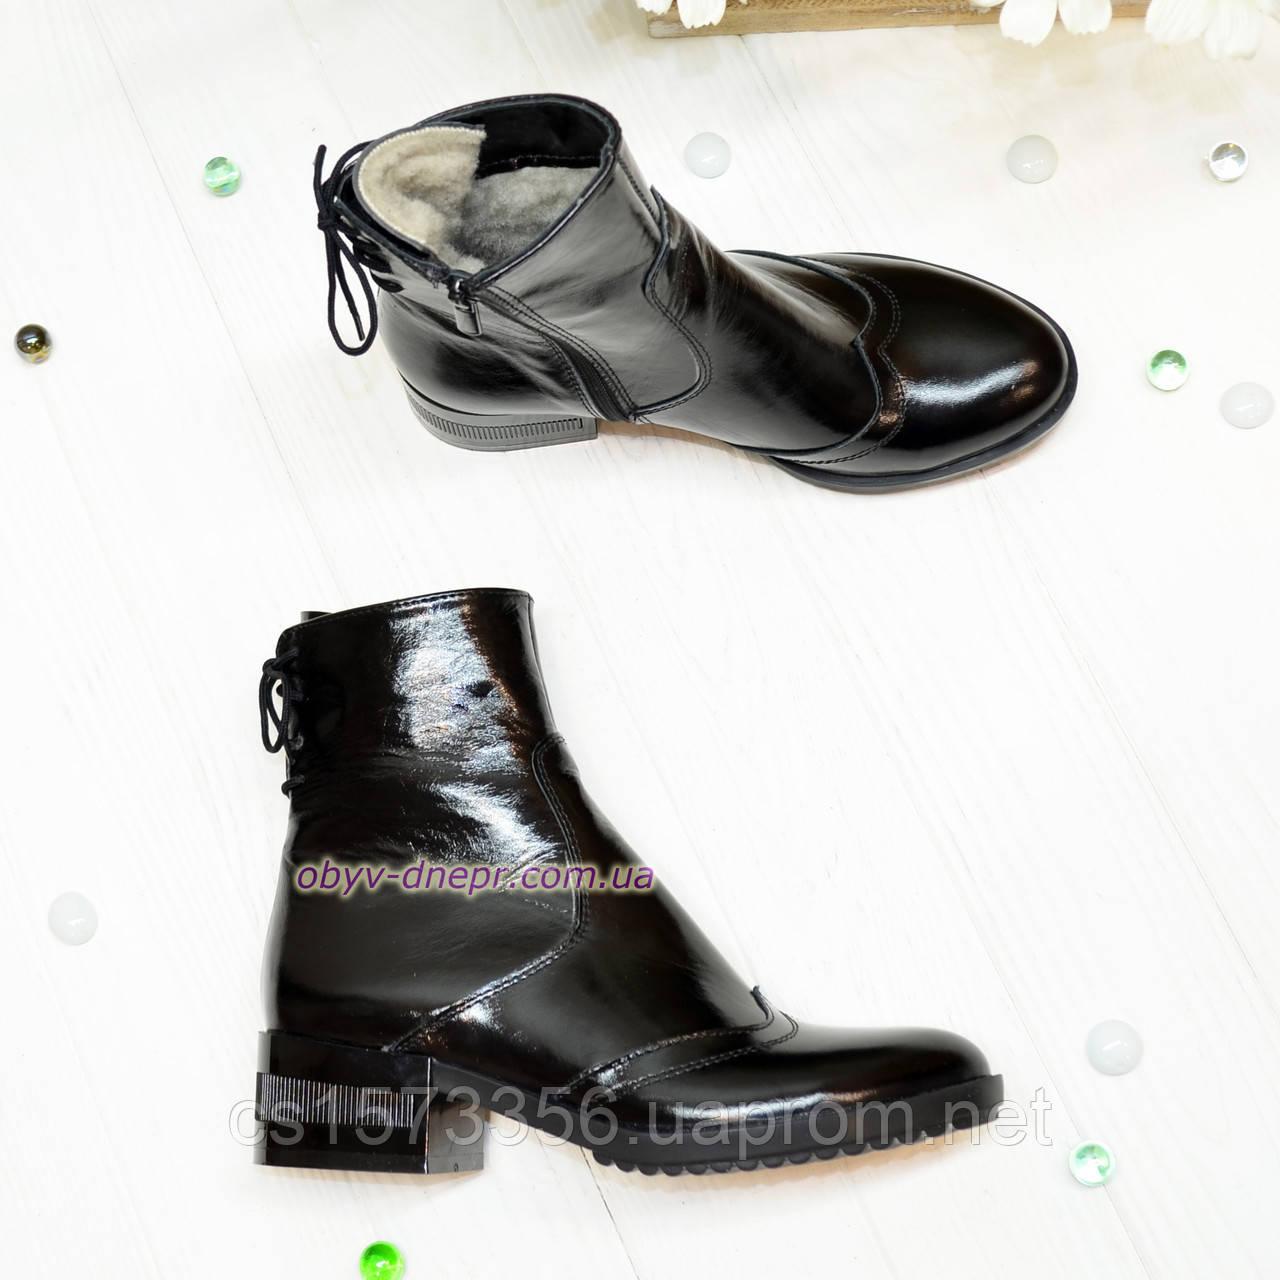 Ботинки женские на невысоком каблуке, натуральная лаковая кожа